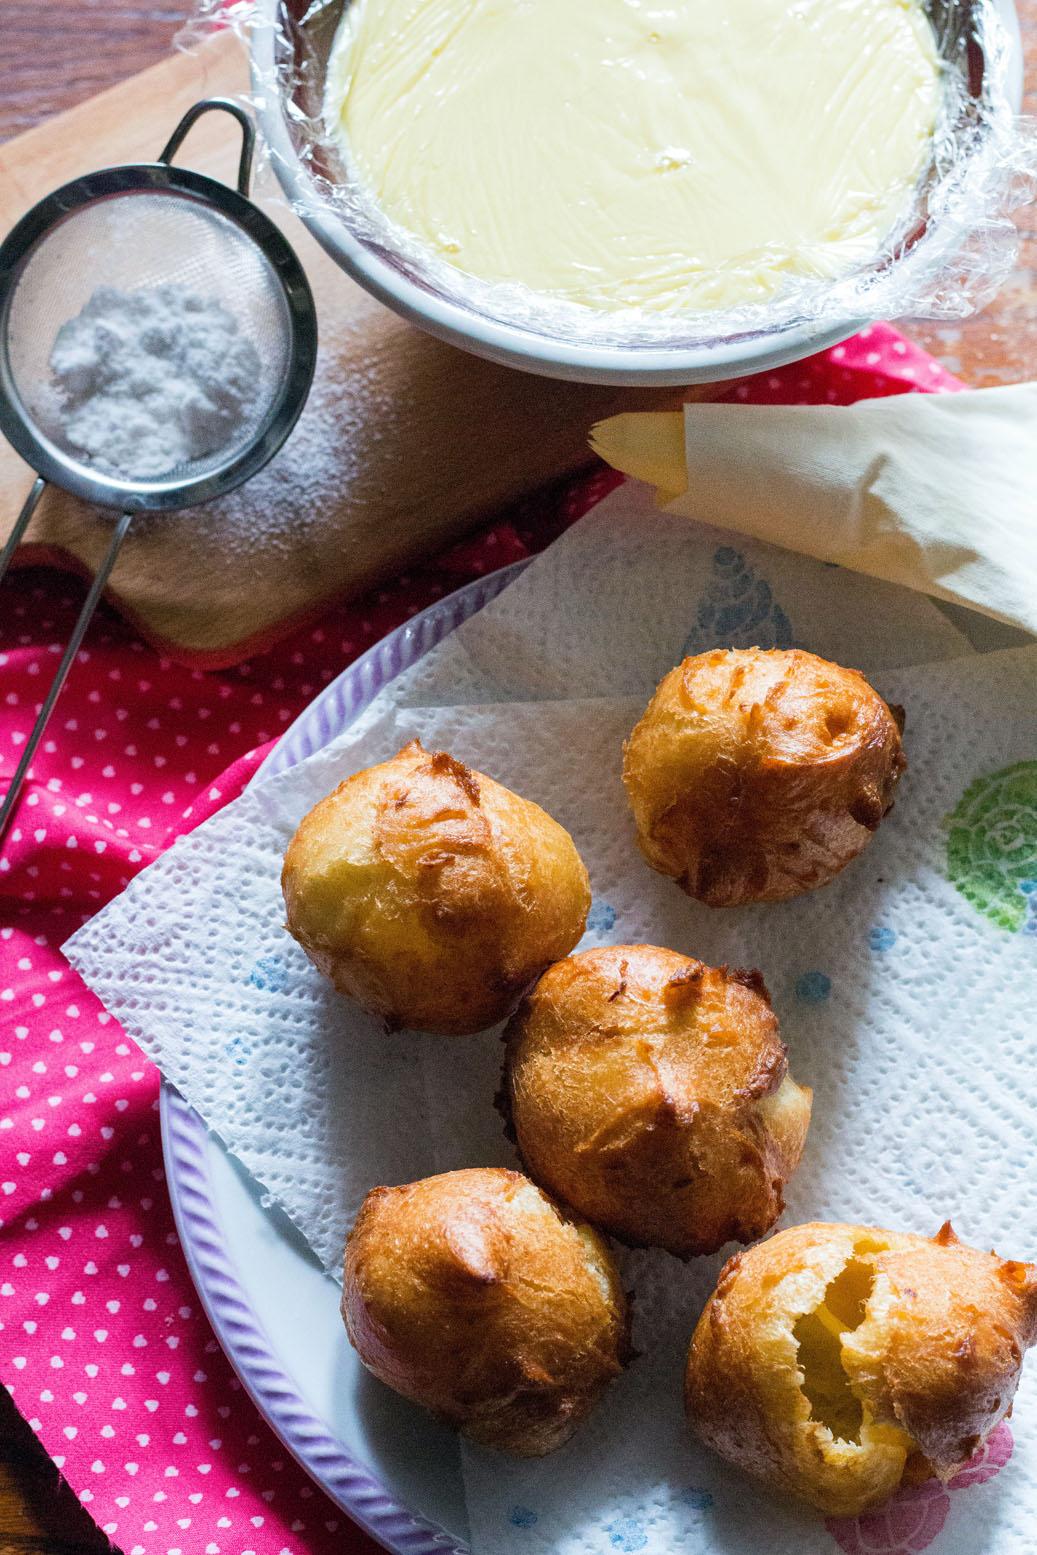 bigne di san giuseppe-prep-fried puffs on a plate